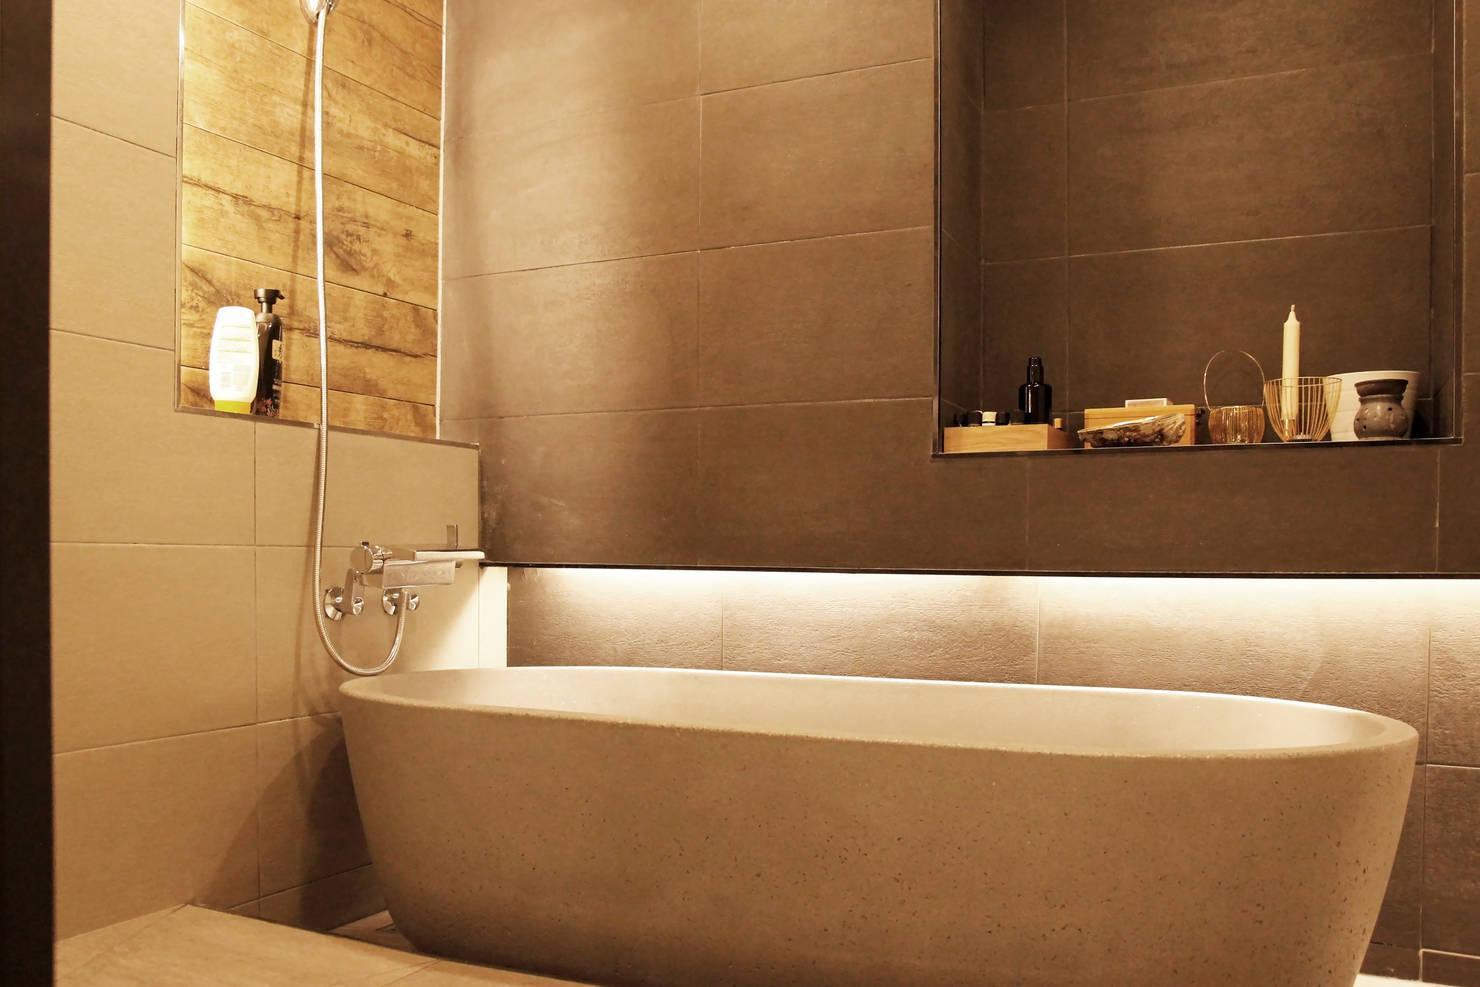 안전하고 편안한 욕실을 만드는 여섯 가지 아이디어